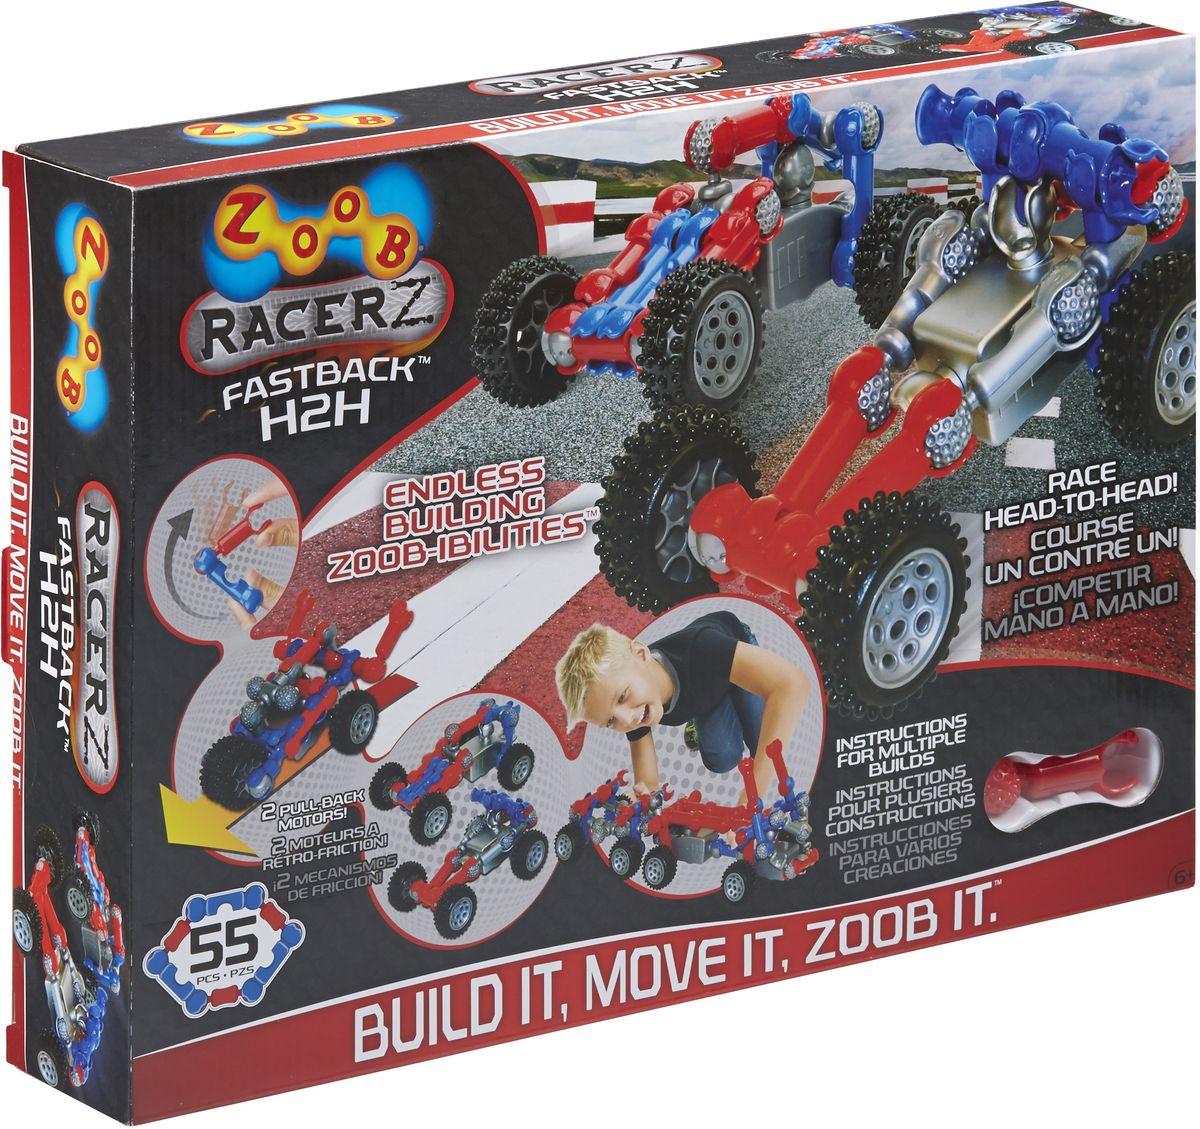 Zoob Racer Z Конструктор Fastback H2H large h2h